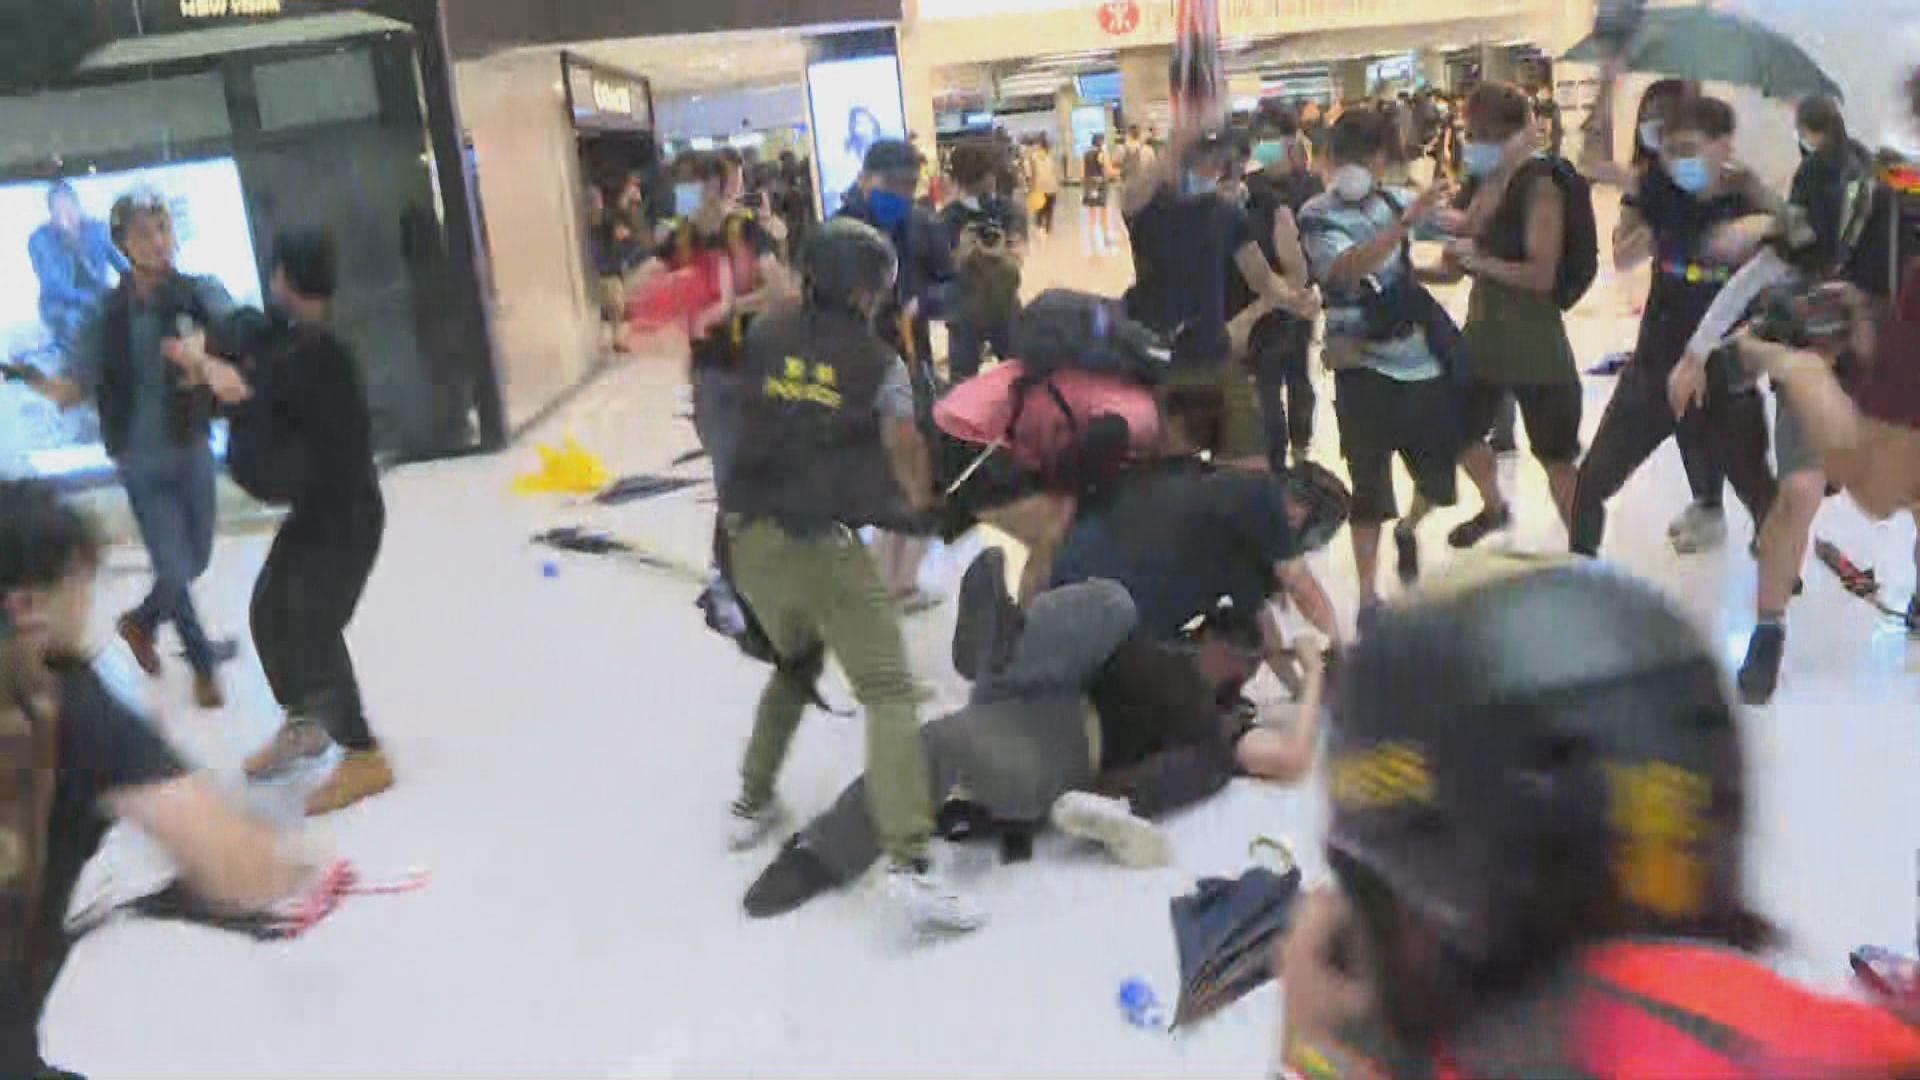 【沙田遊行】警方與示威者於新城市廣場衝突